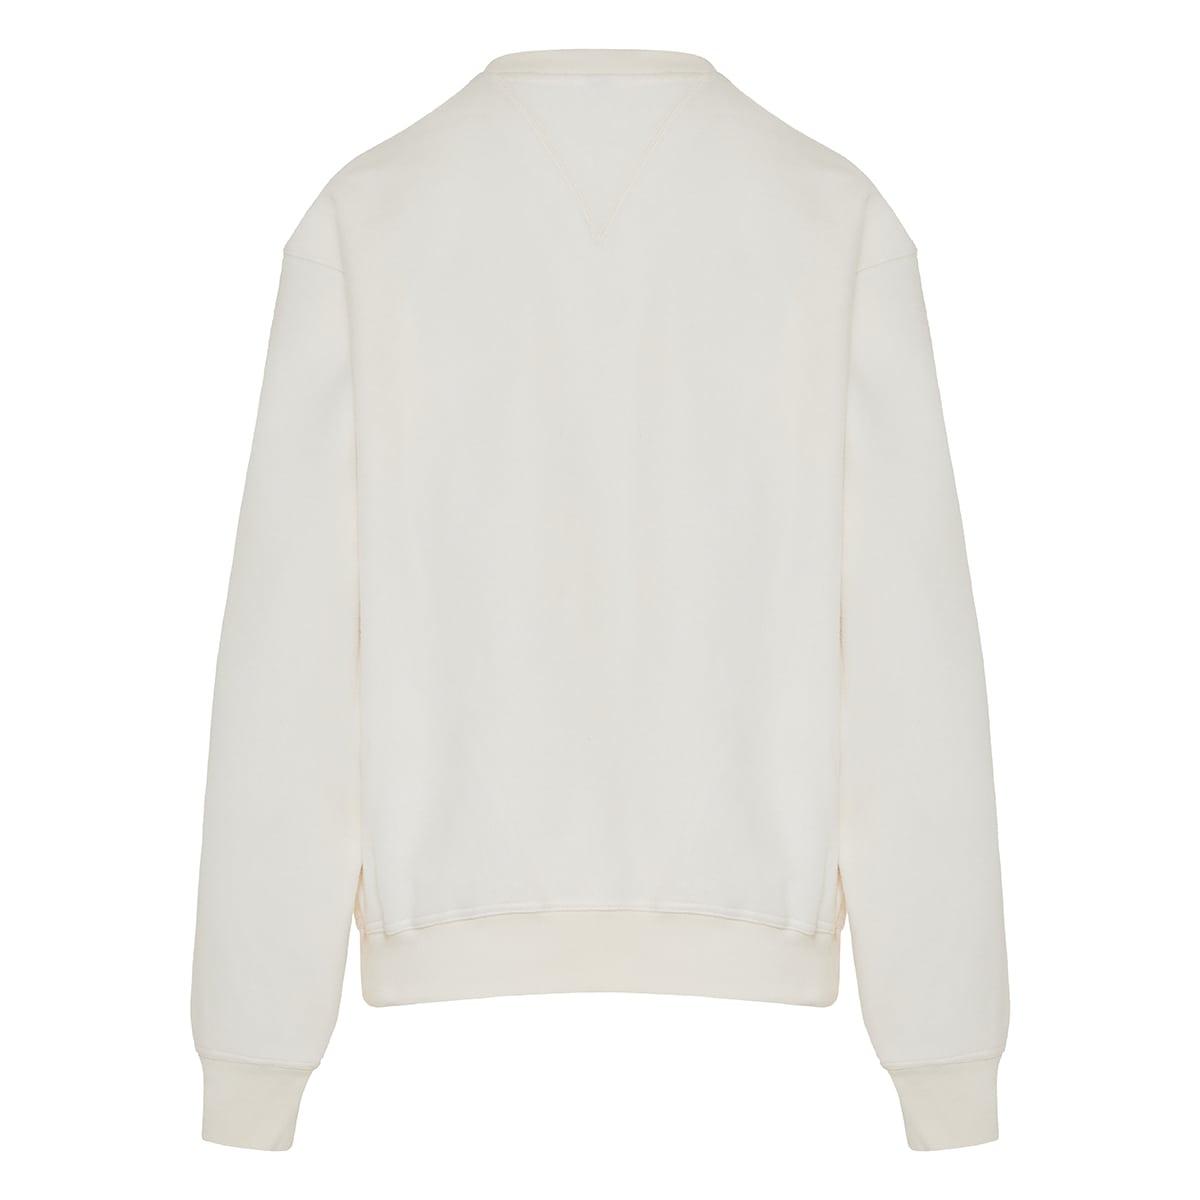 Aurora cotton sweatshirt